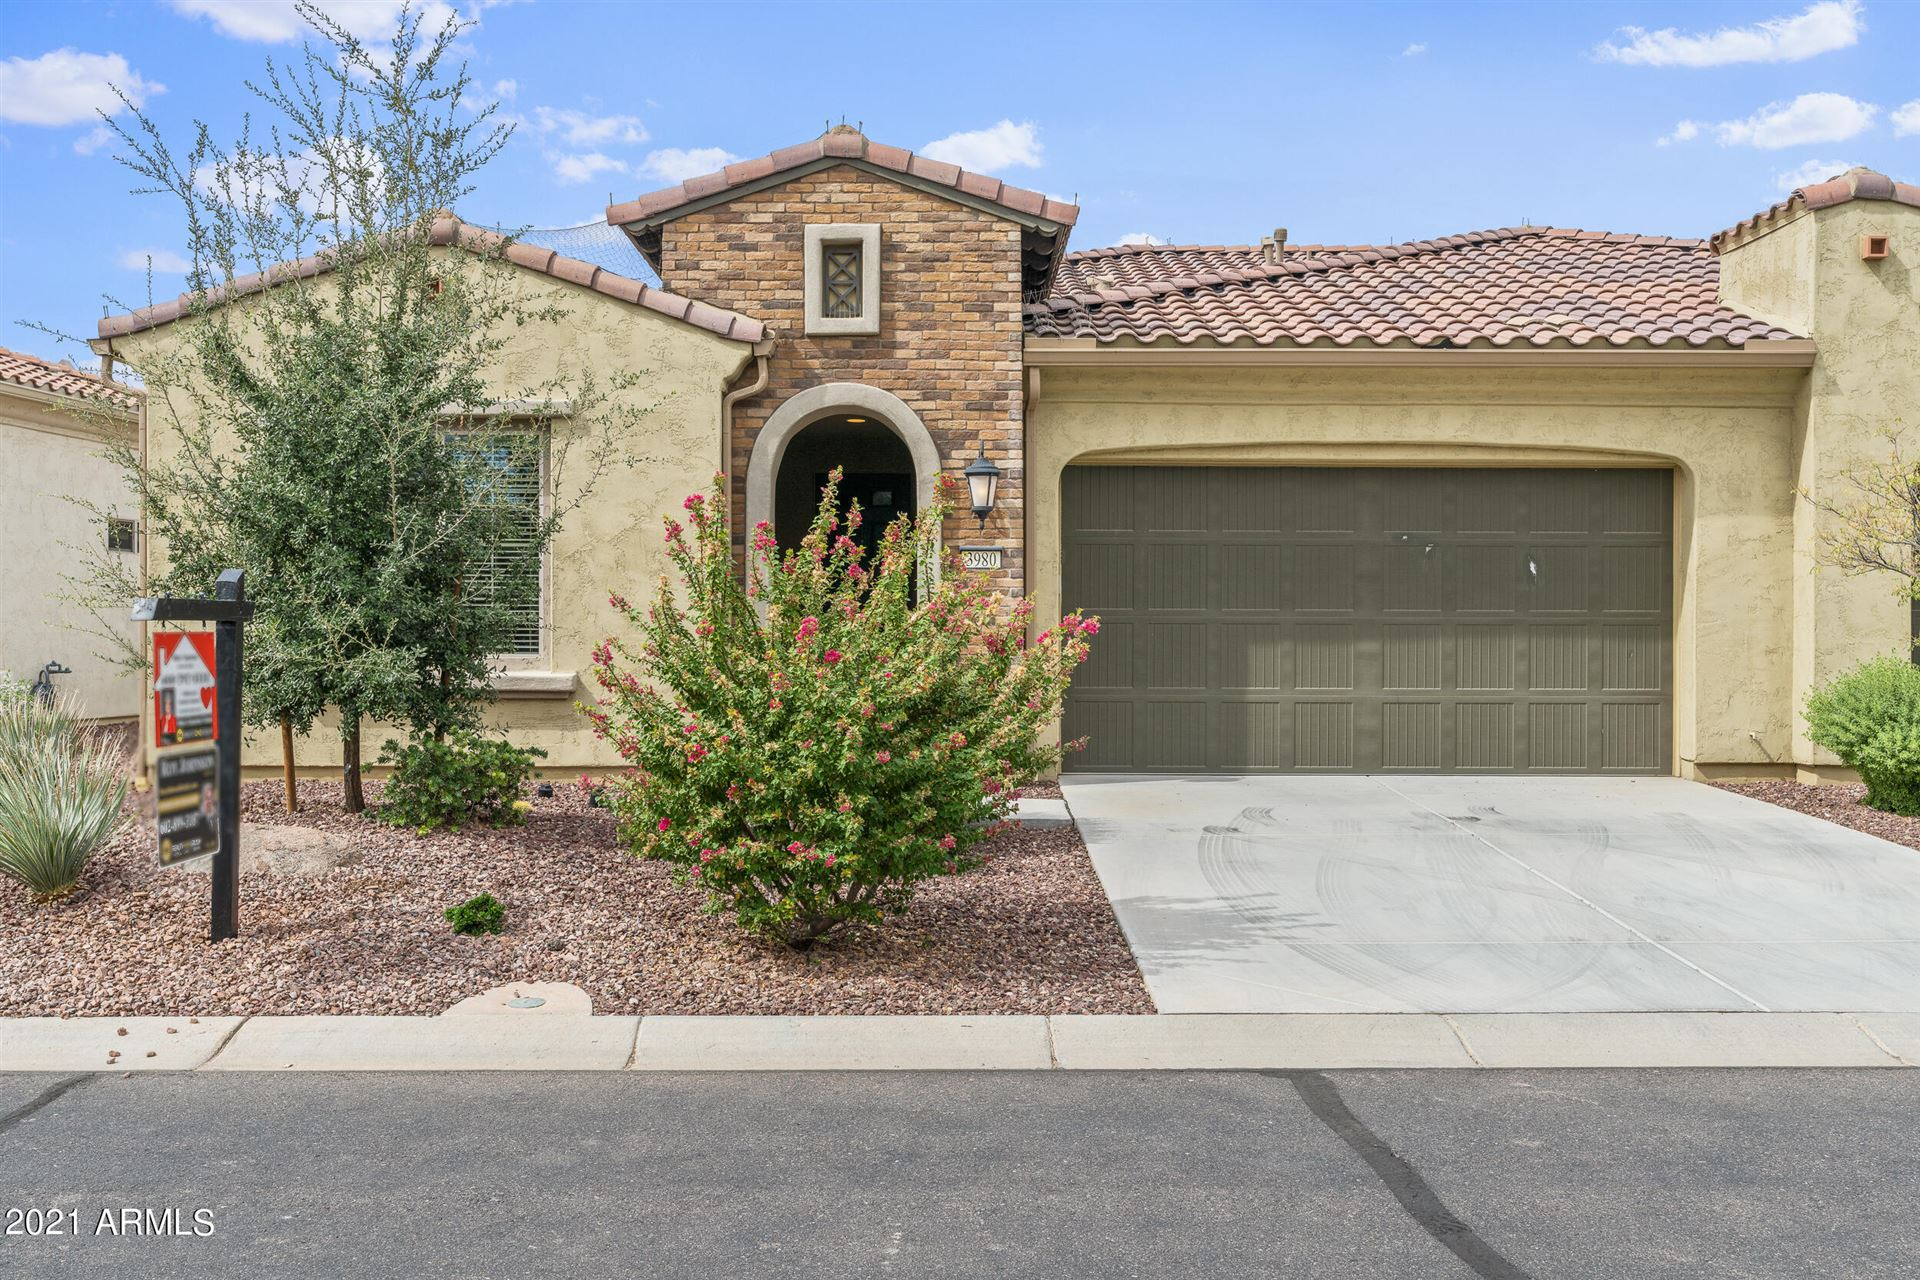 3980 N 164TH Drive, Goodyear, AZ 85395 - #: 6304452